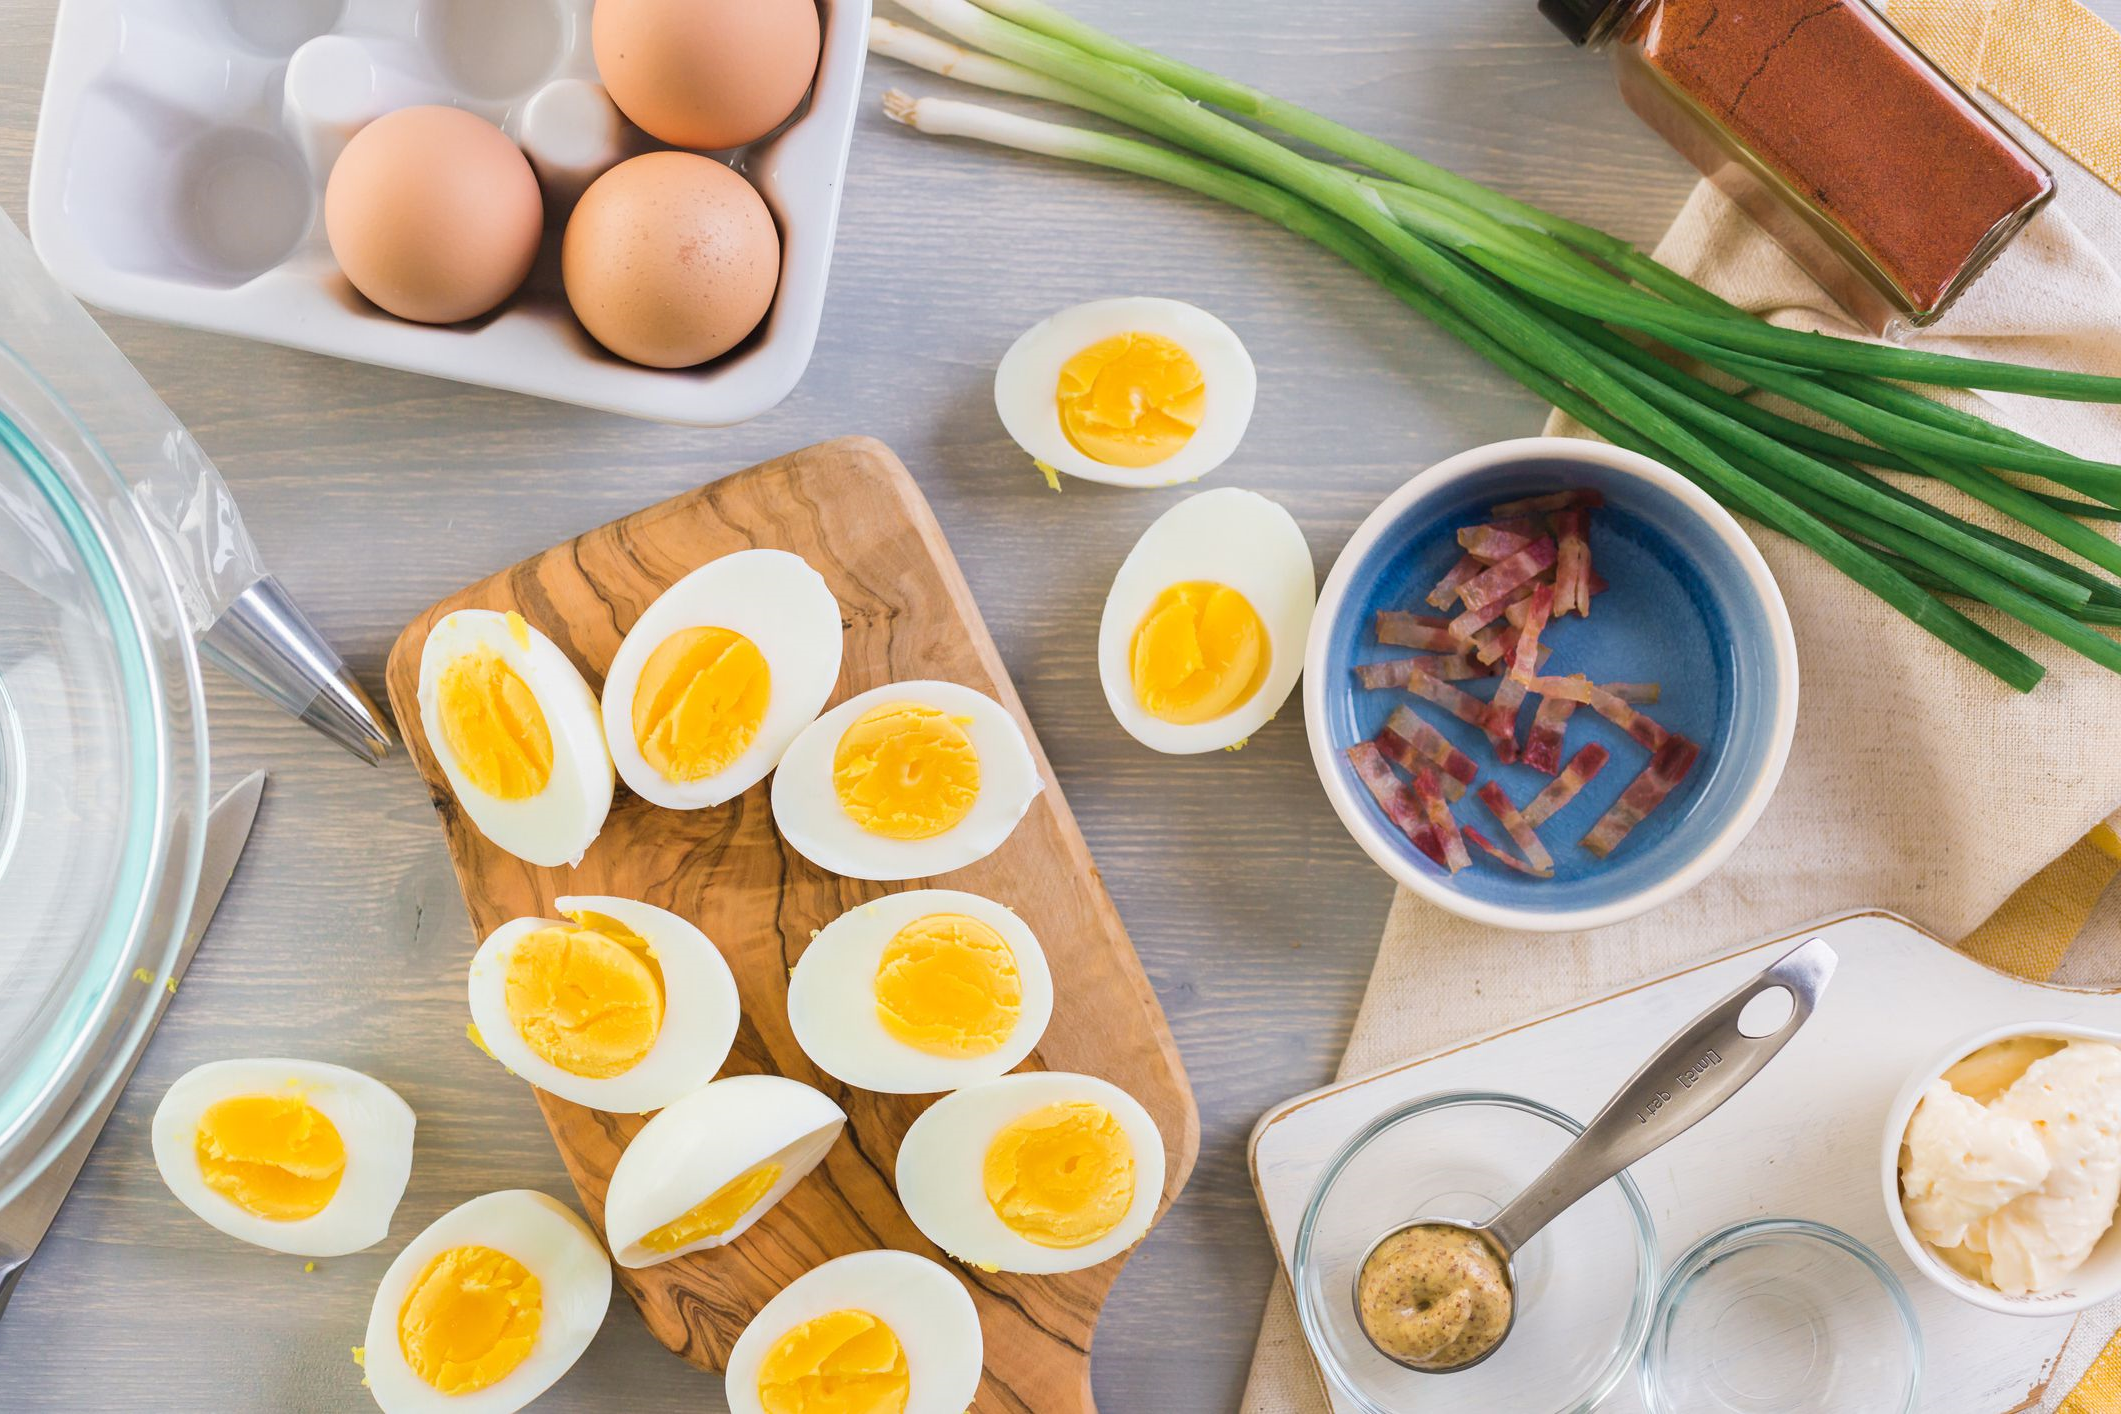 Les œufs à la coque sont une partie importante de ce menu minceur. Vous les consommerez plusieurs fois.